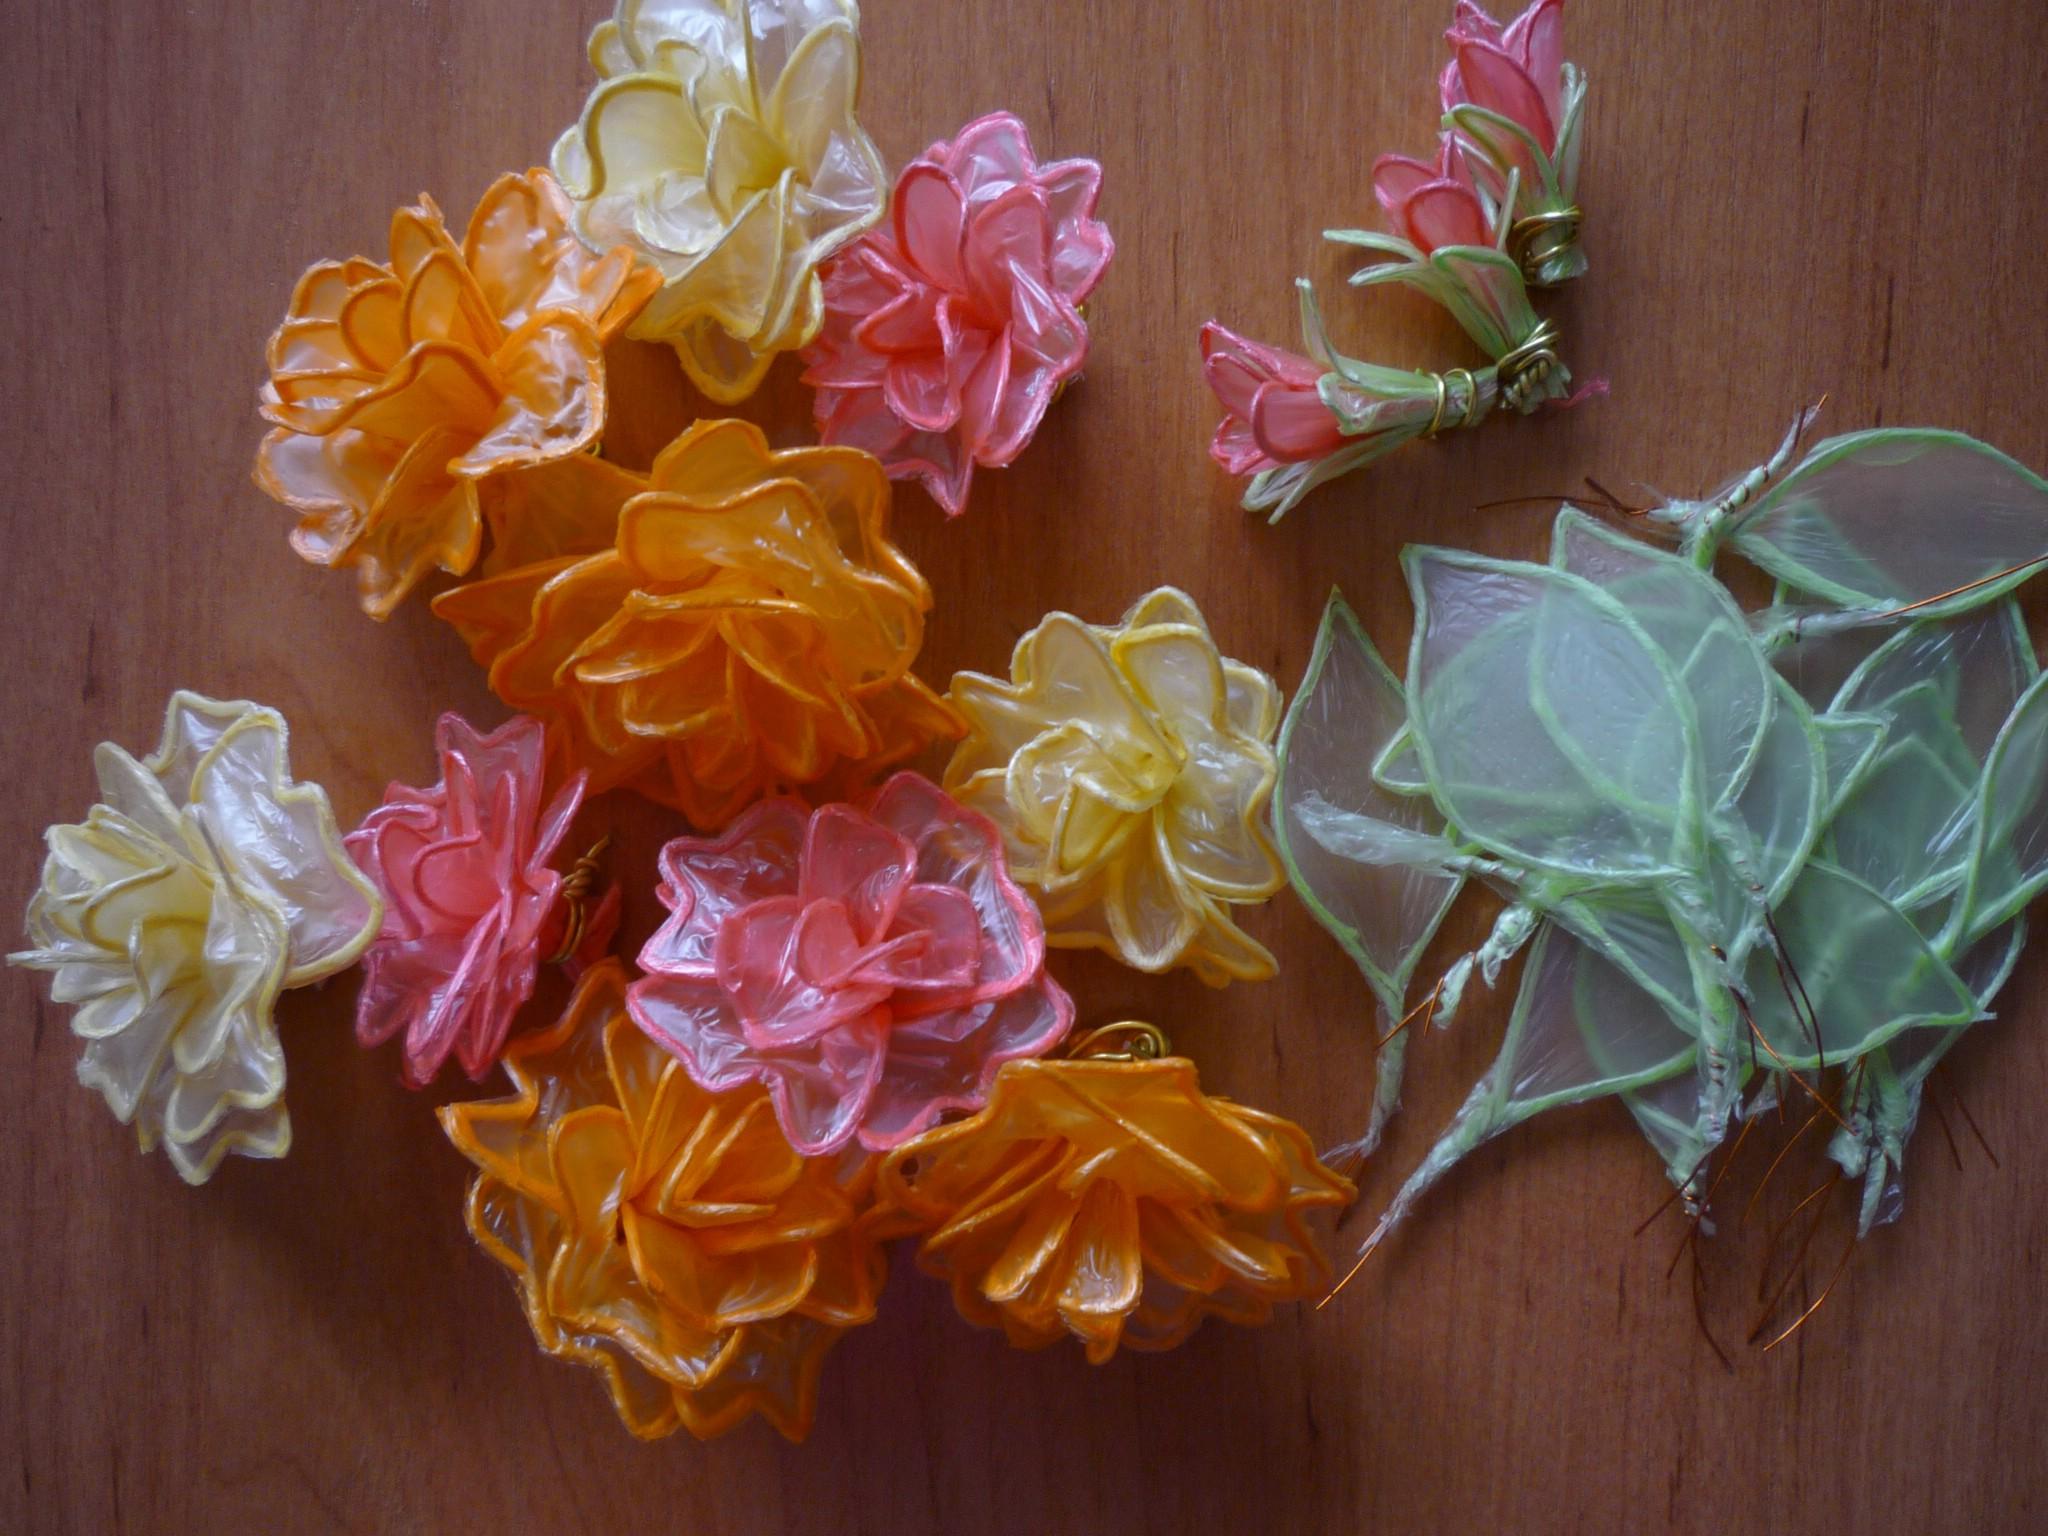 Цветы из целлофановых пакетов фото